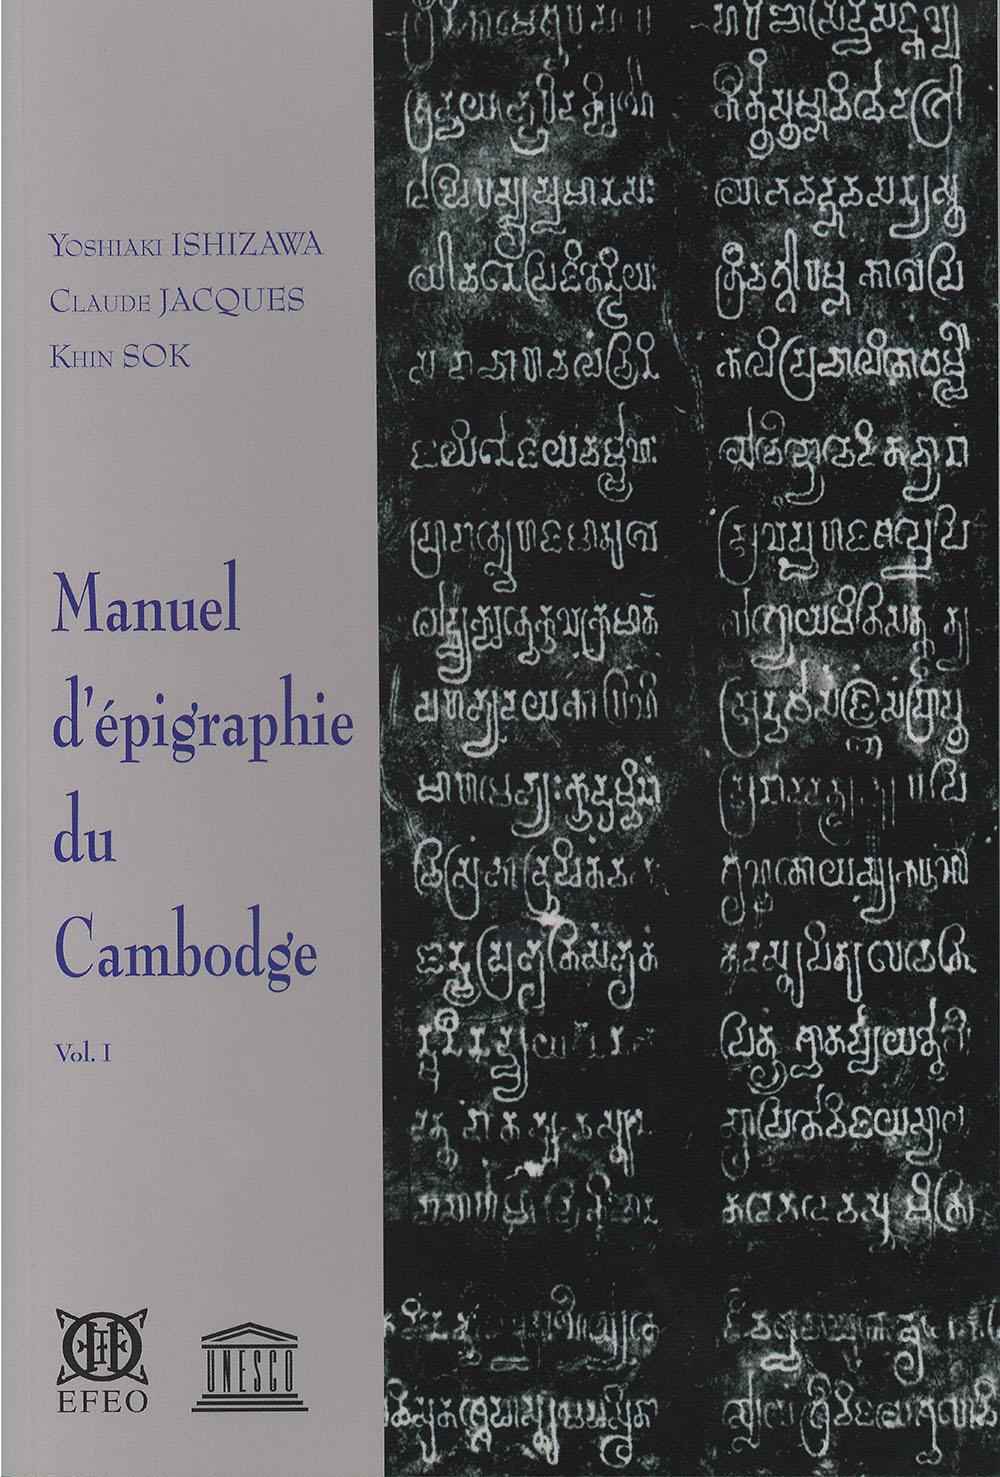 Manuel d'épigraphie du Cambodge